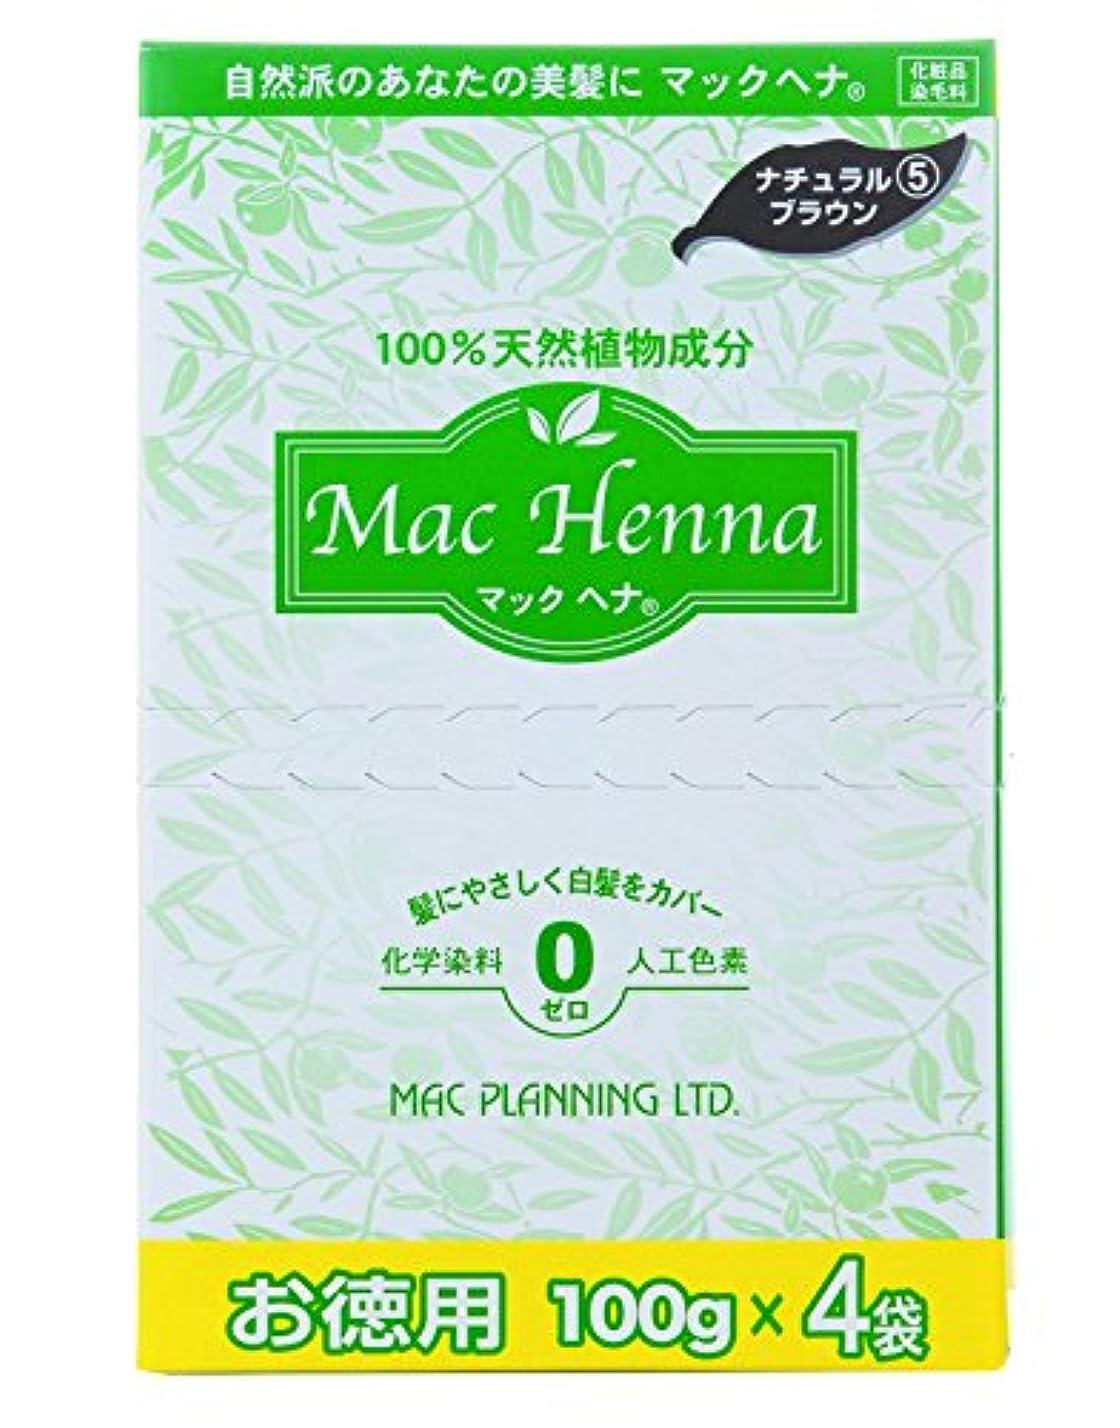 机ファン耐えるマックヘナ お徳用 ナチュラルブラウン400g ヘナ白髪用カラー